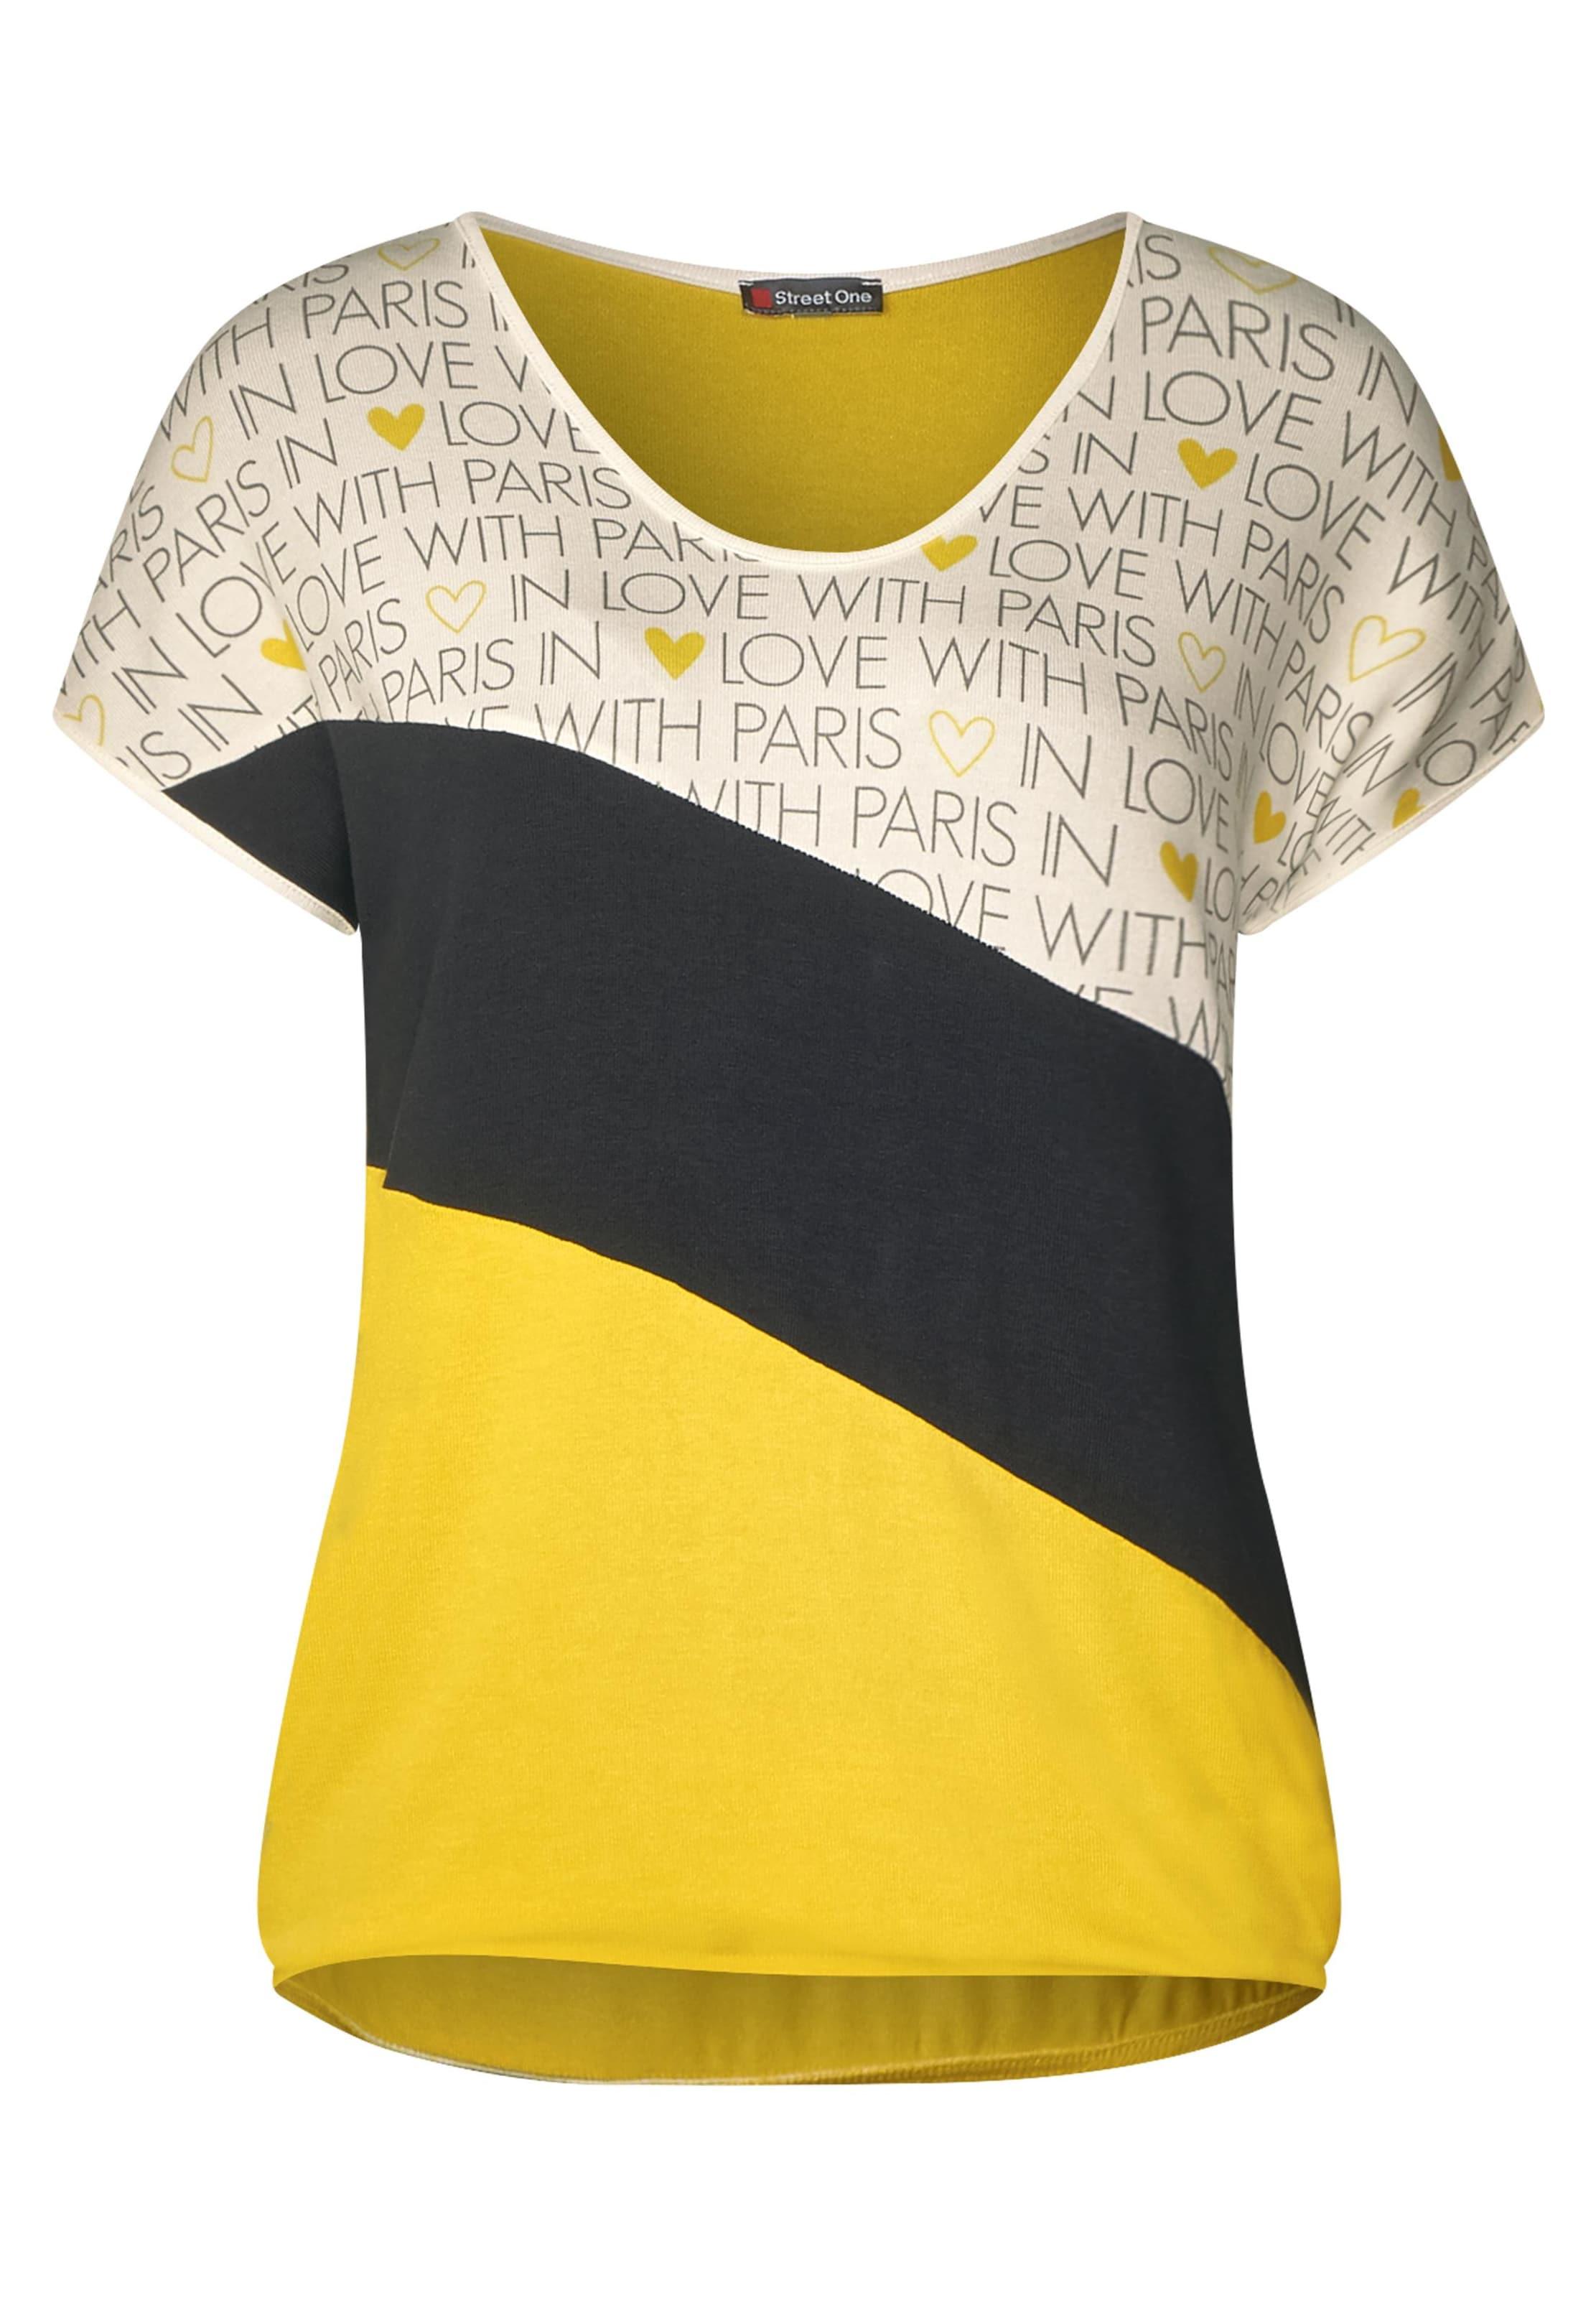 GelbSchwarz Street Street In One Shirt One Shirt In GelbSchwarz rhQxsdBoCt